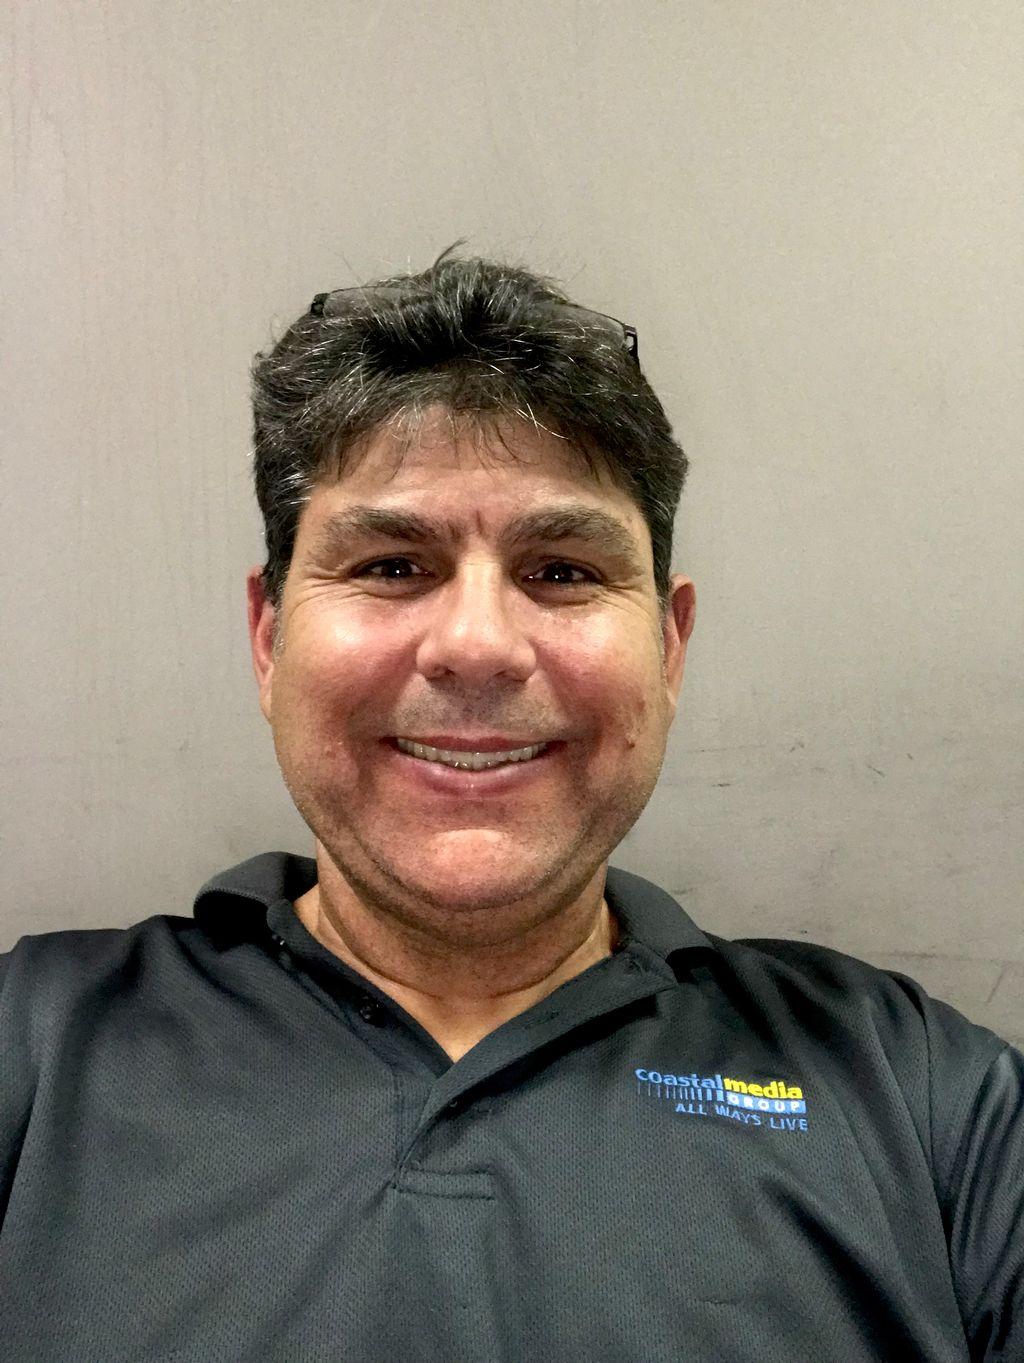 Steve Boyajian